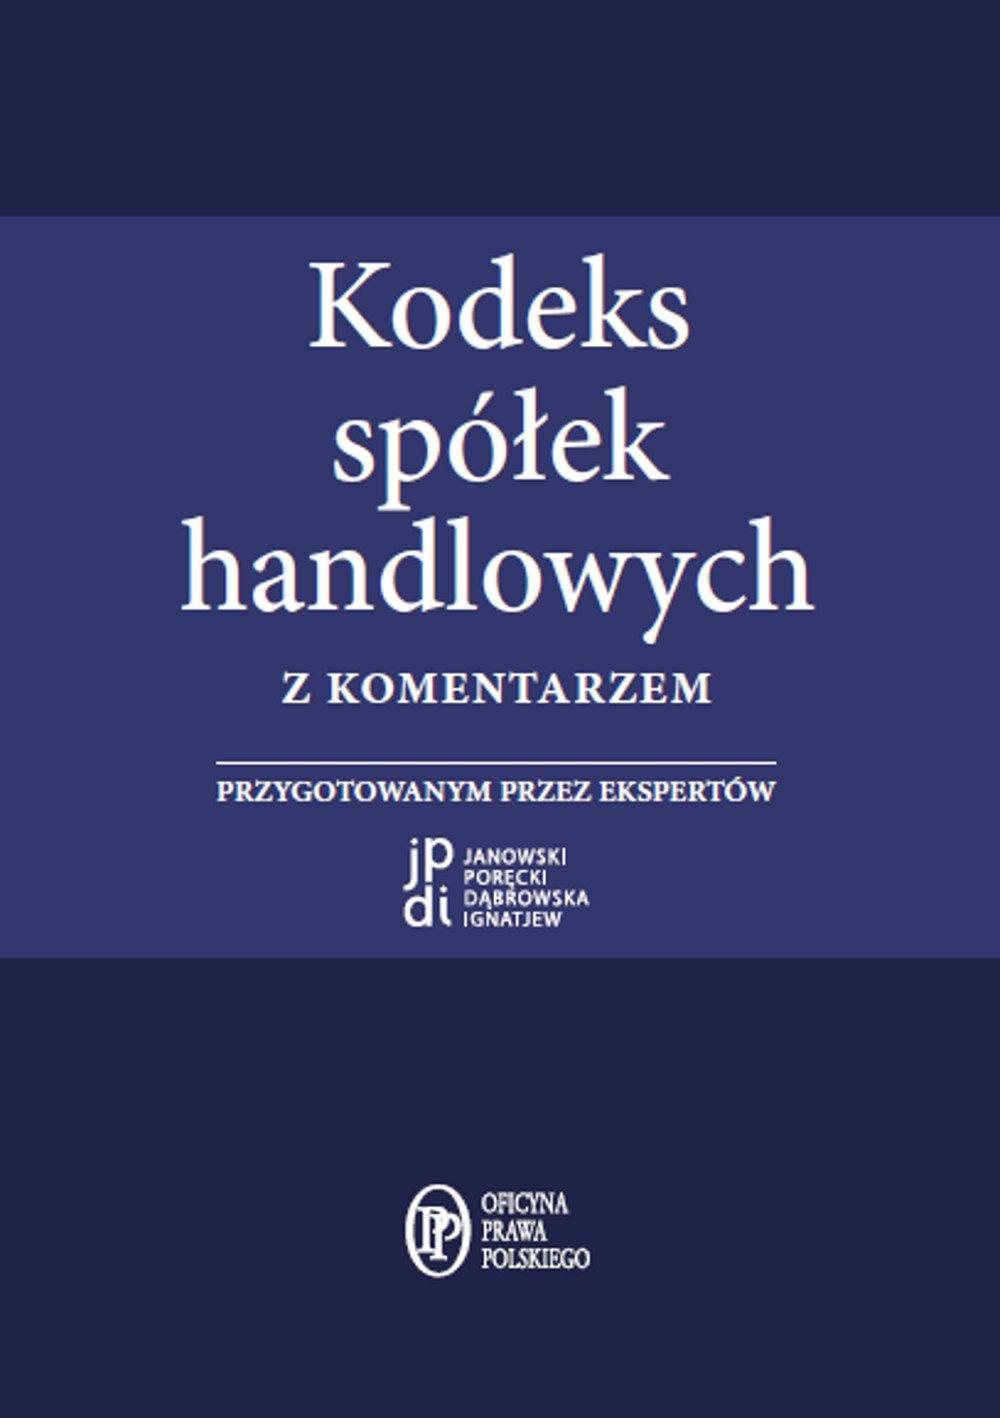 Kodeks spółek handlowych z komentarzem - Ebook (Książka EPUB) do pobrania w formacie EPUB